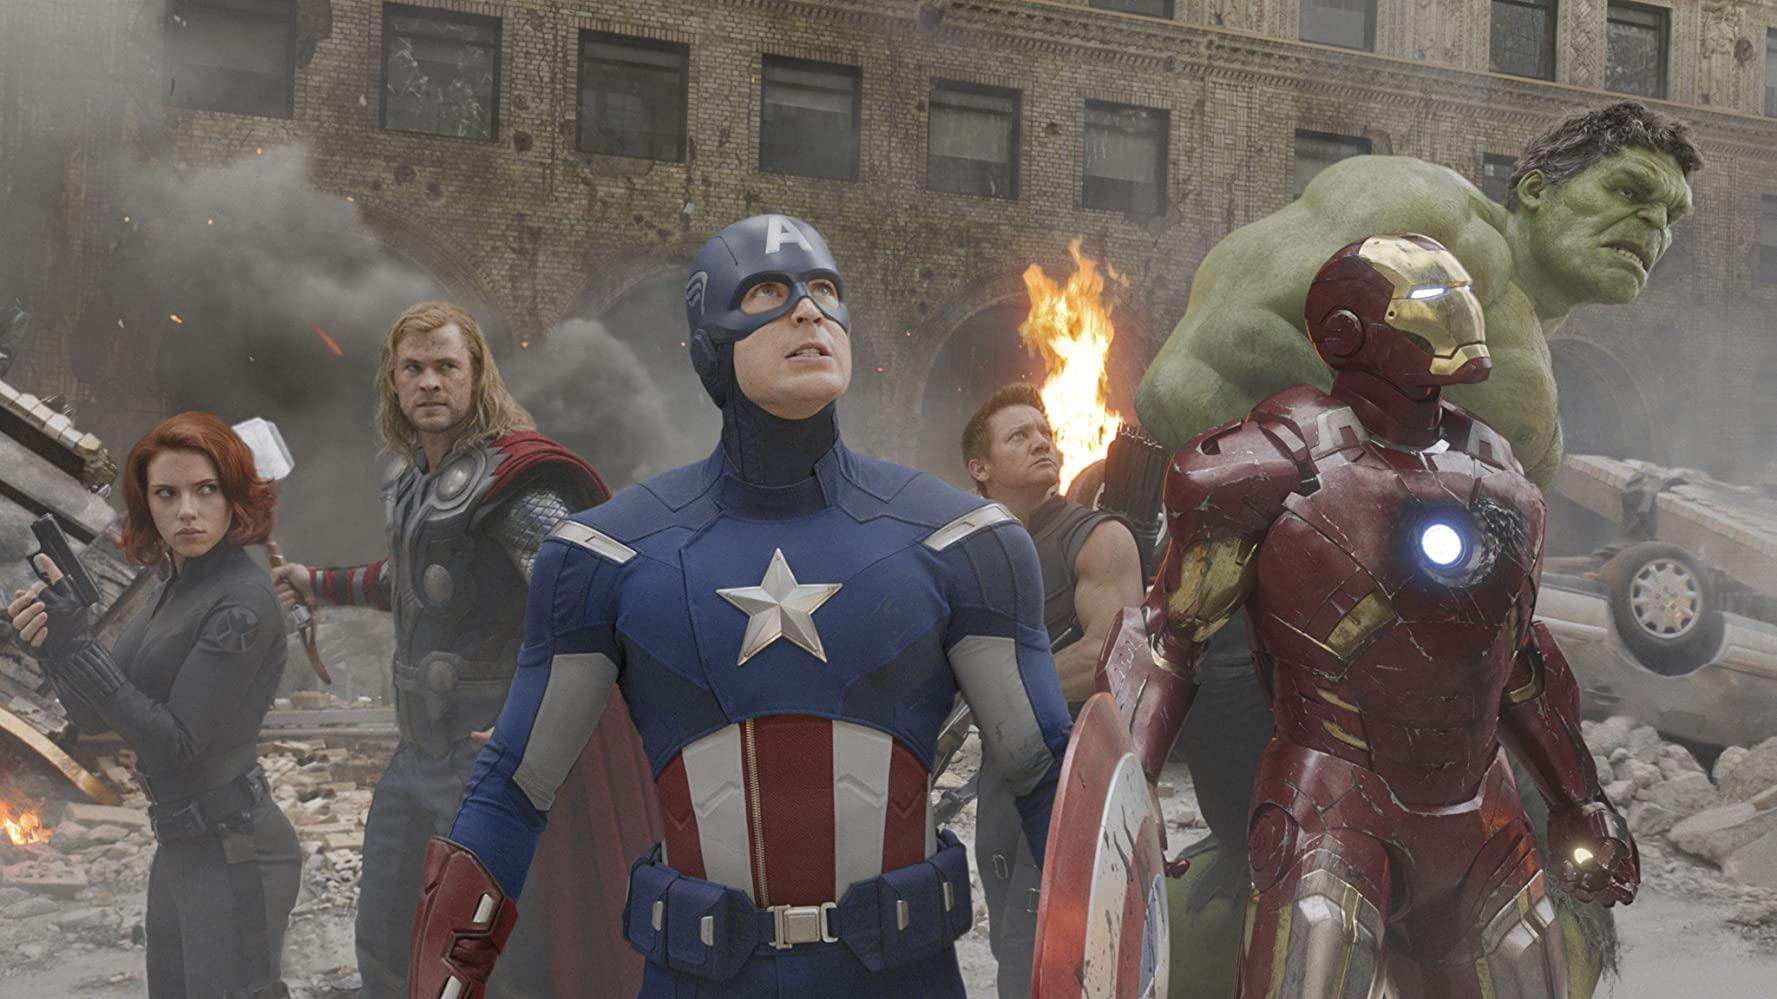 Chris Evans in The Avengers